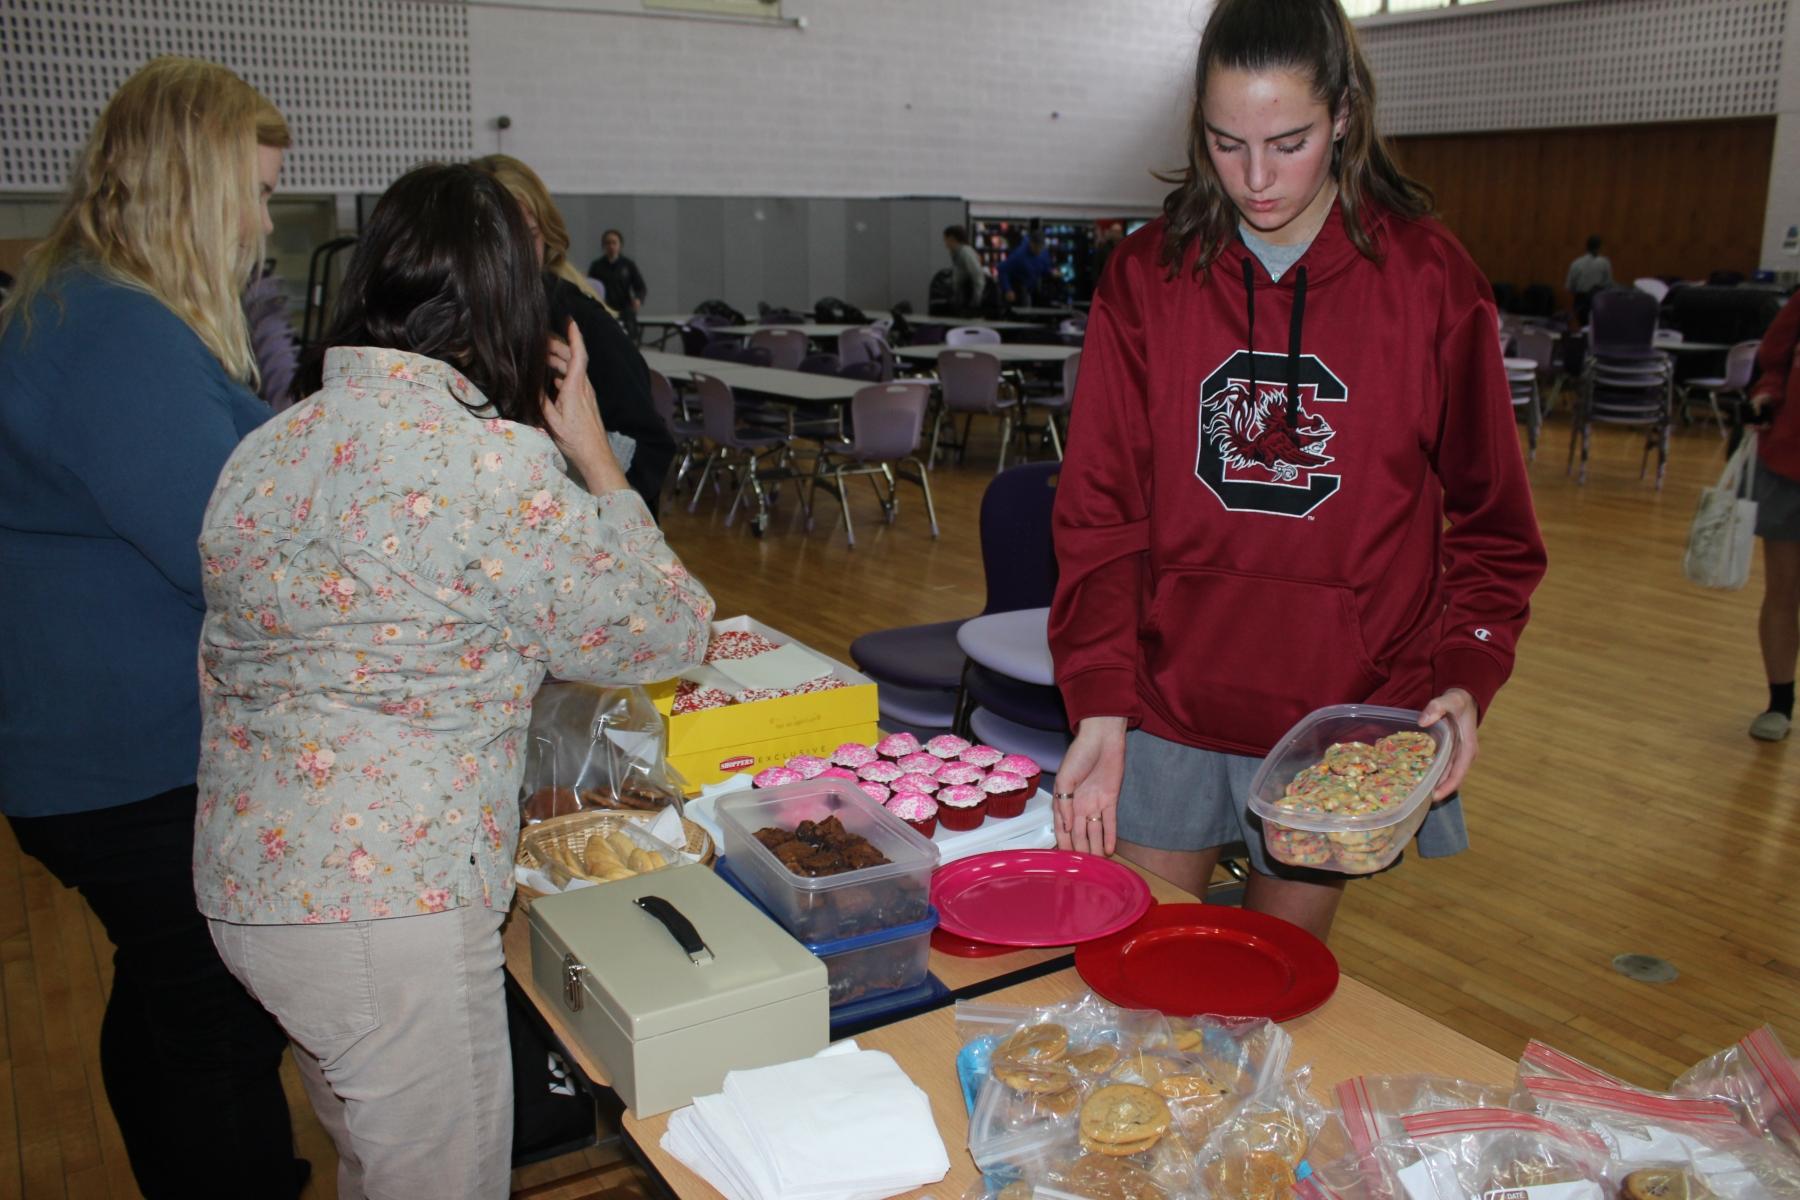 Bake sale for Spanish Catholic Center